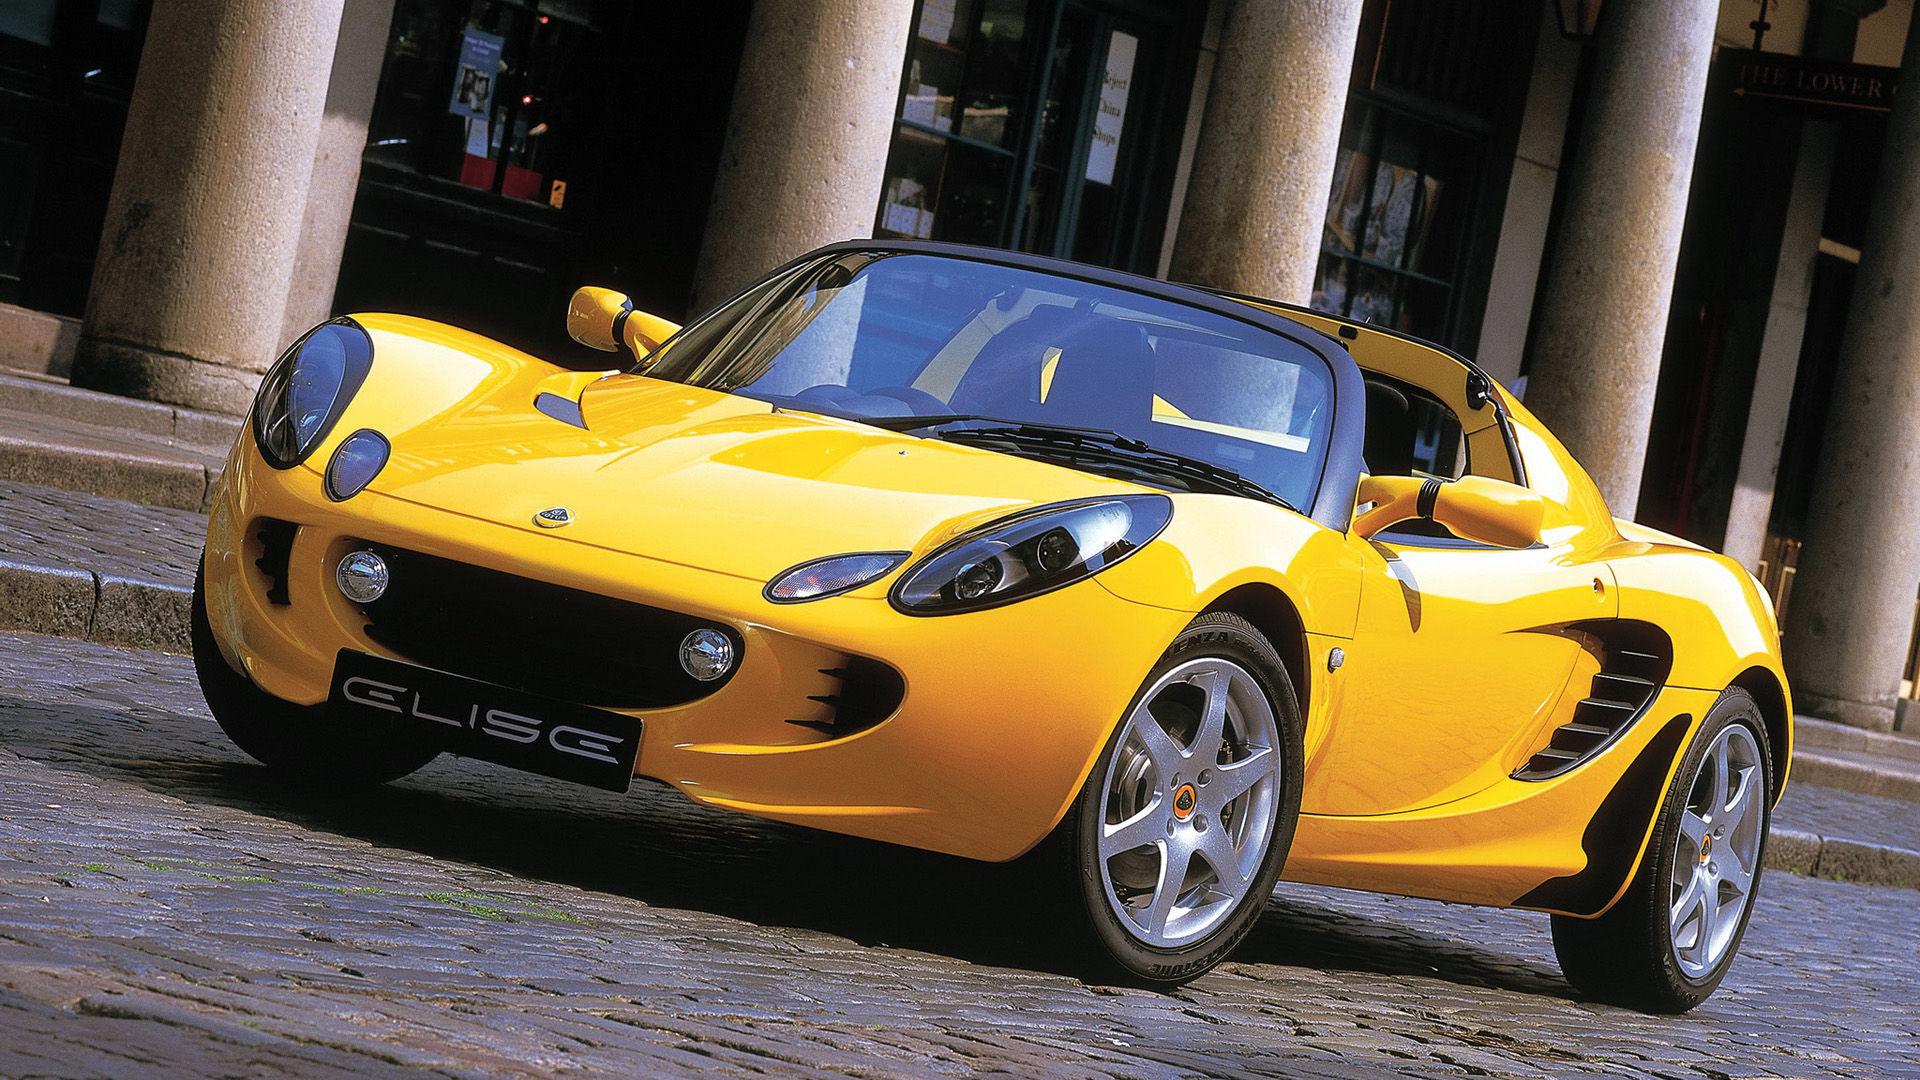 2002 Lotus Elise